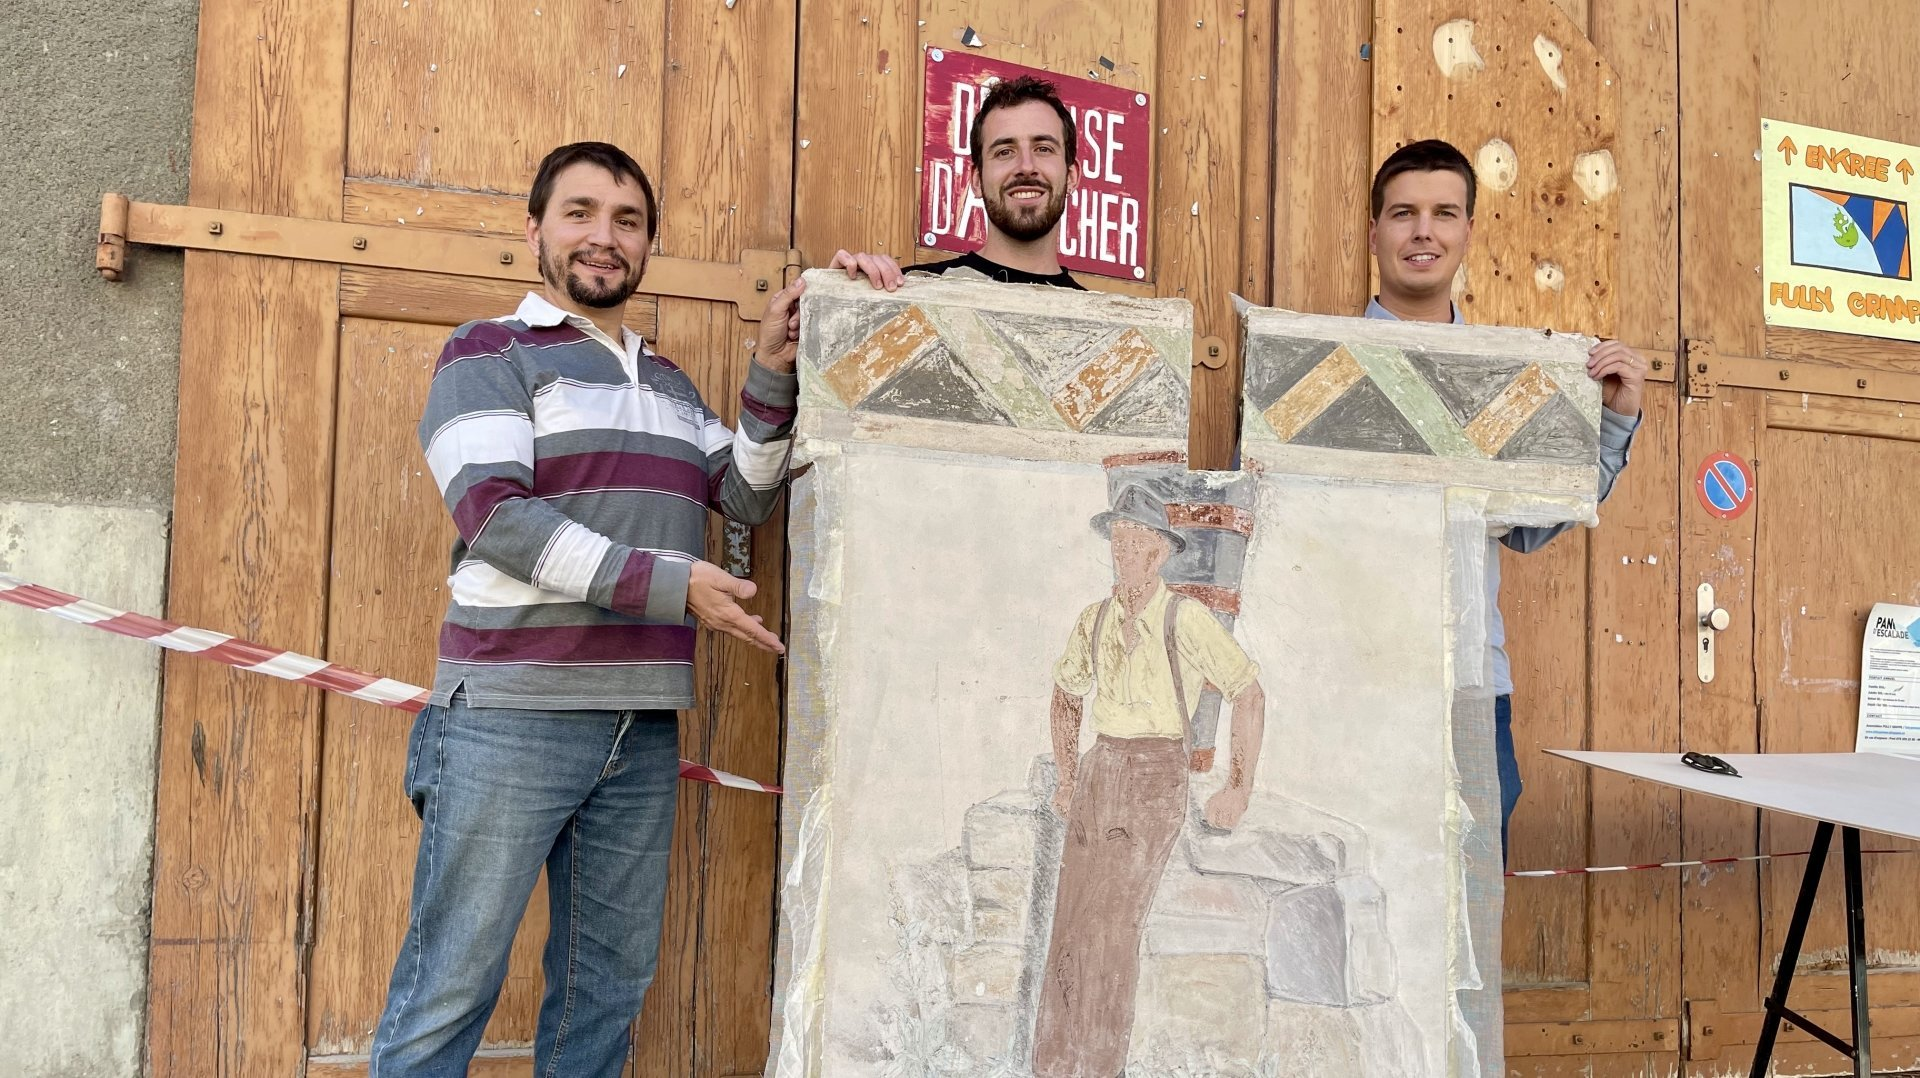 Alain Léger, Sébastien Grau et Alexandre Roduit présentent le premier tronçon de la fresque à avoir été sauvé. On ne voit ici que le dos – terne – de la peinture.